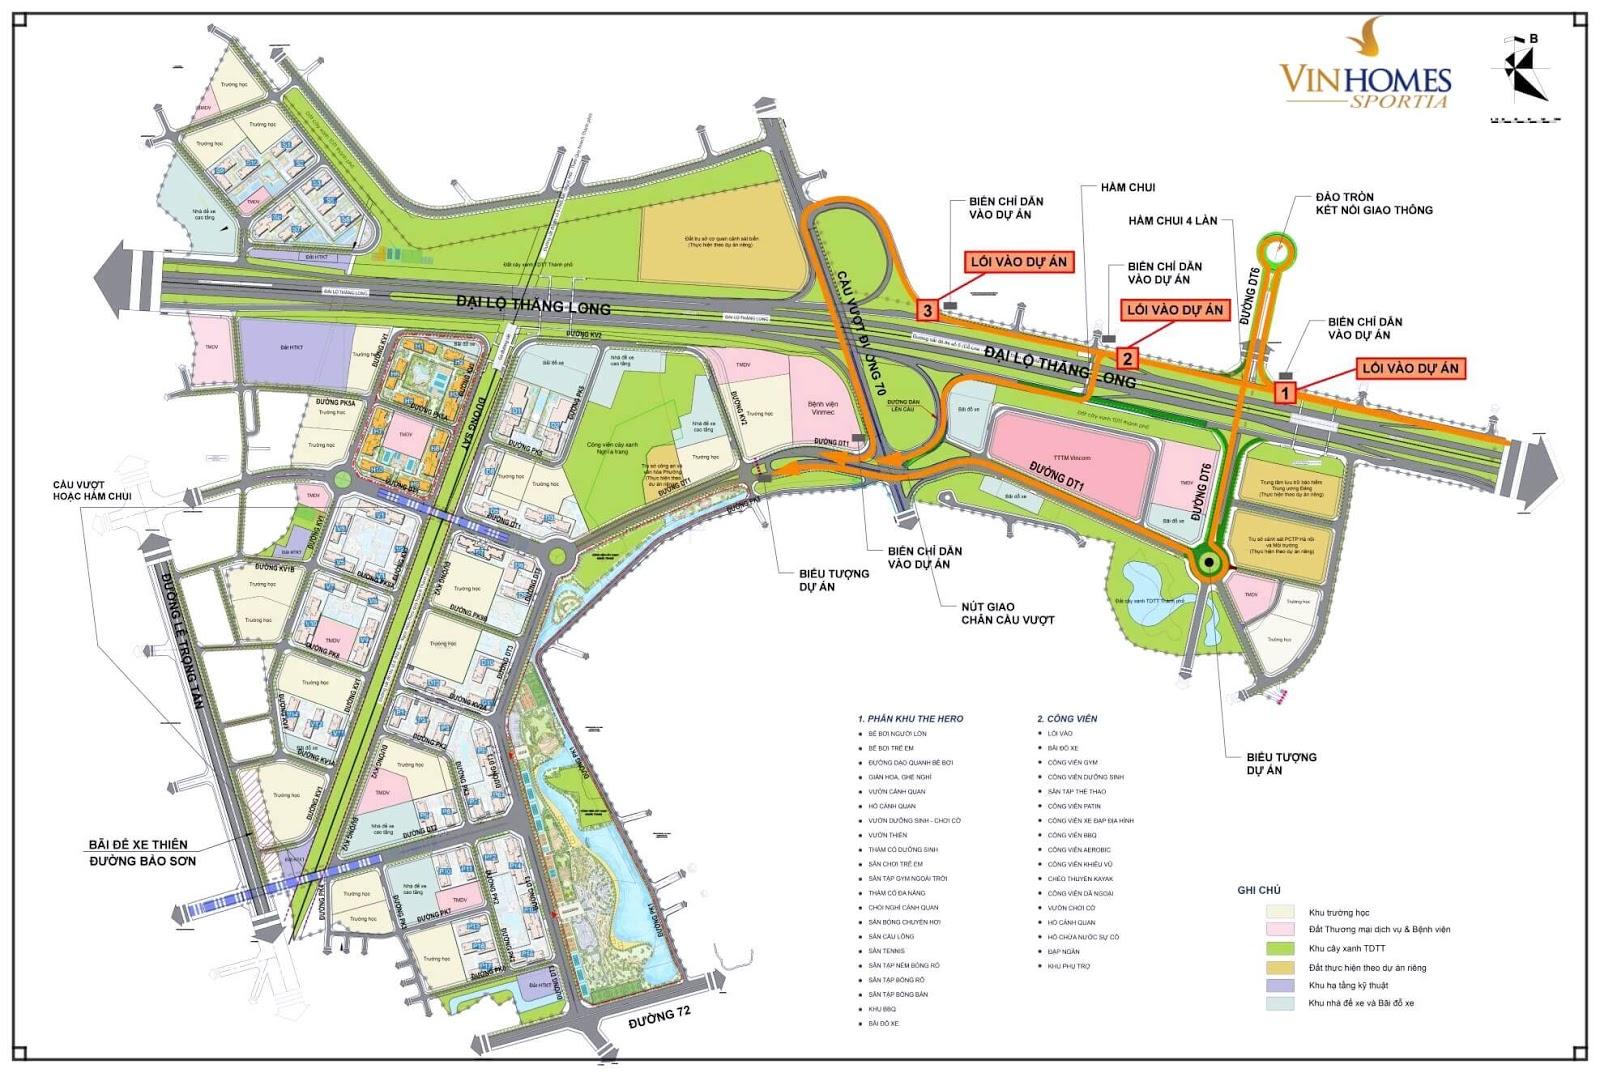 Quy hoạch tổng thể của khu đô thị Vinhomes Sportia